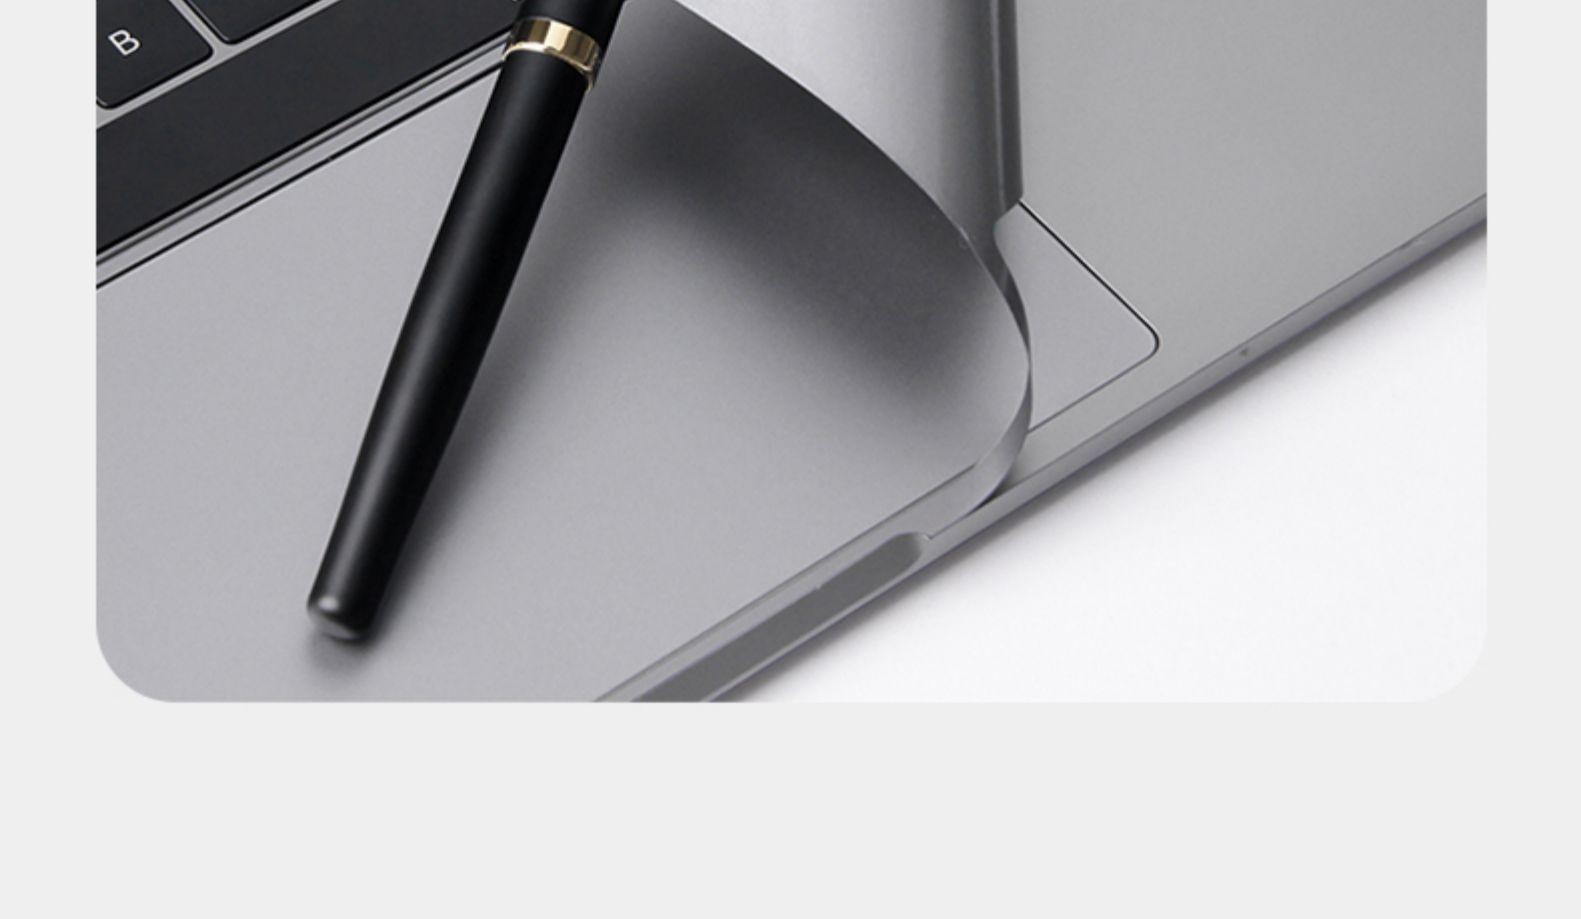 苹果笔记型电脑新款寸手腕腕託膜防撞条膜贴纸机身膜内部位键盘外围膜配件详细照片